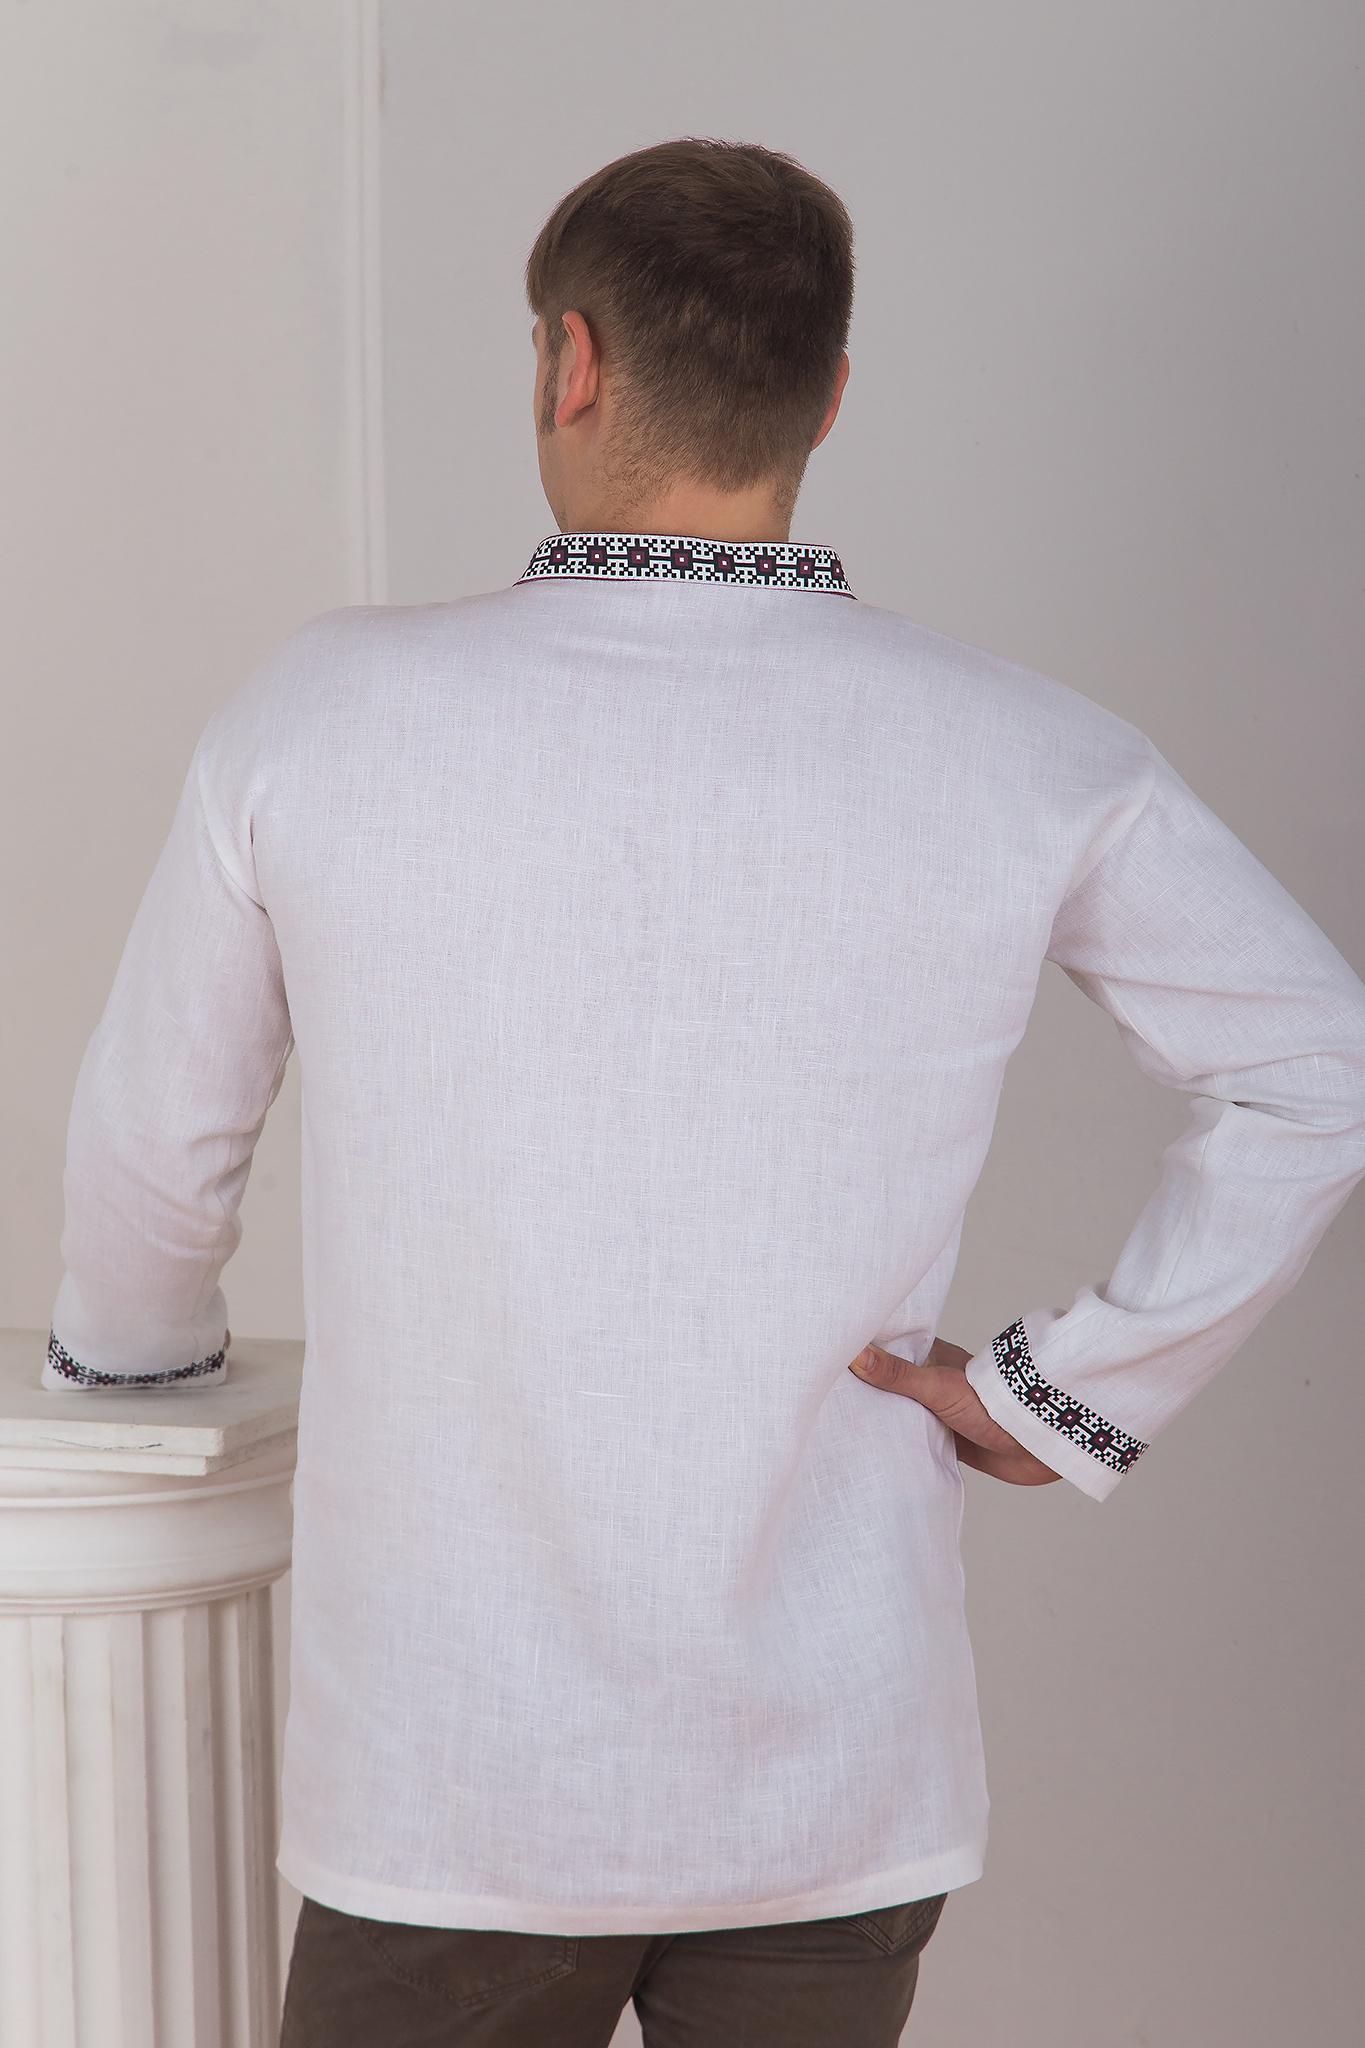 Славянская боевая рубаха вид сзади